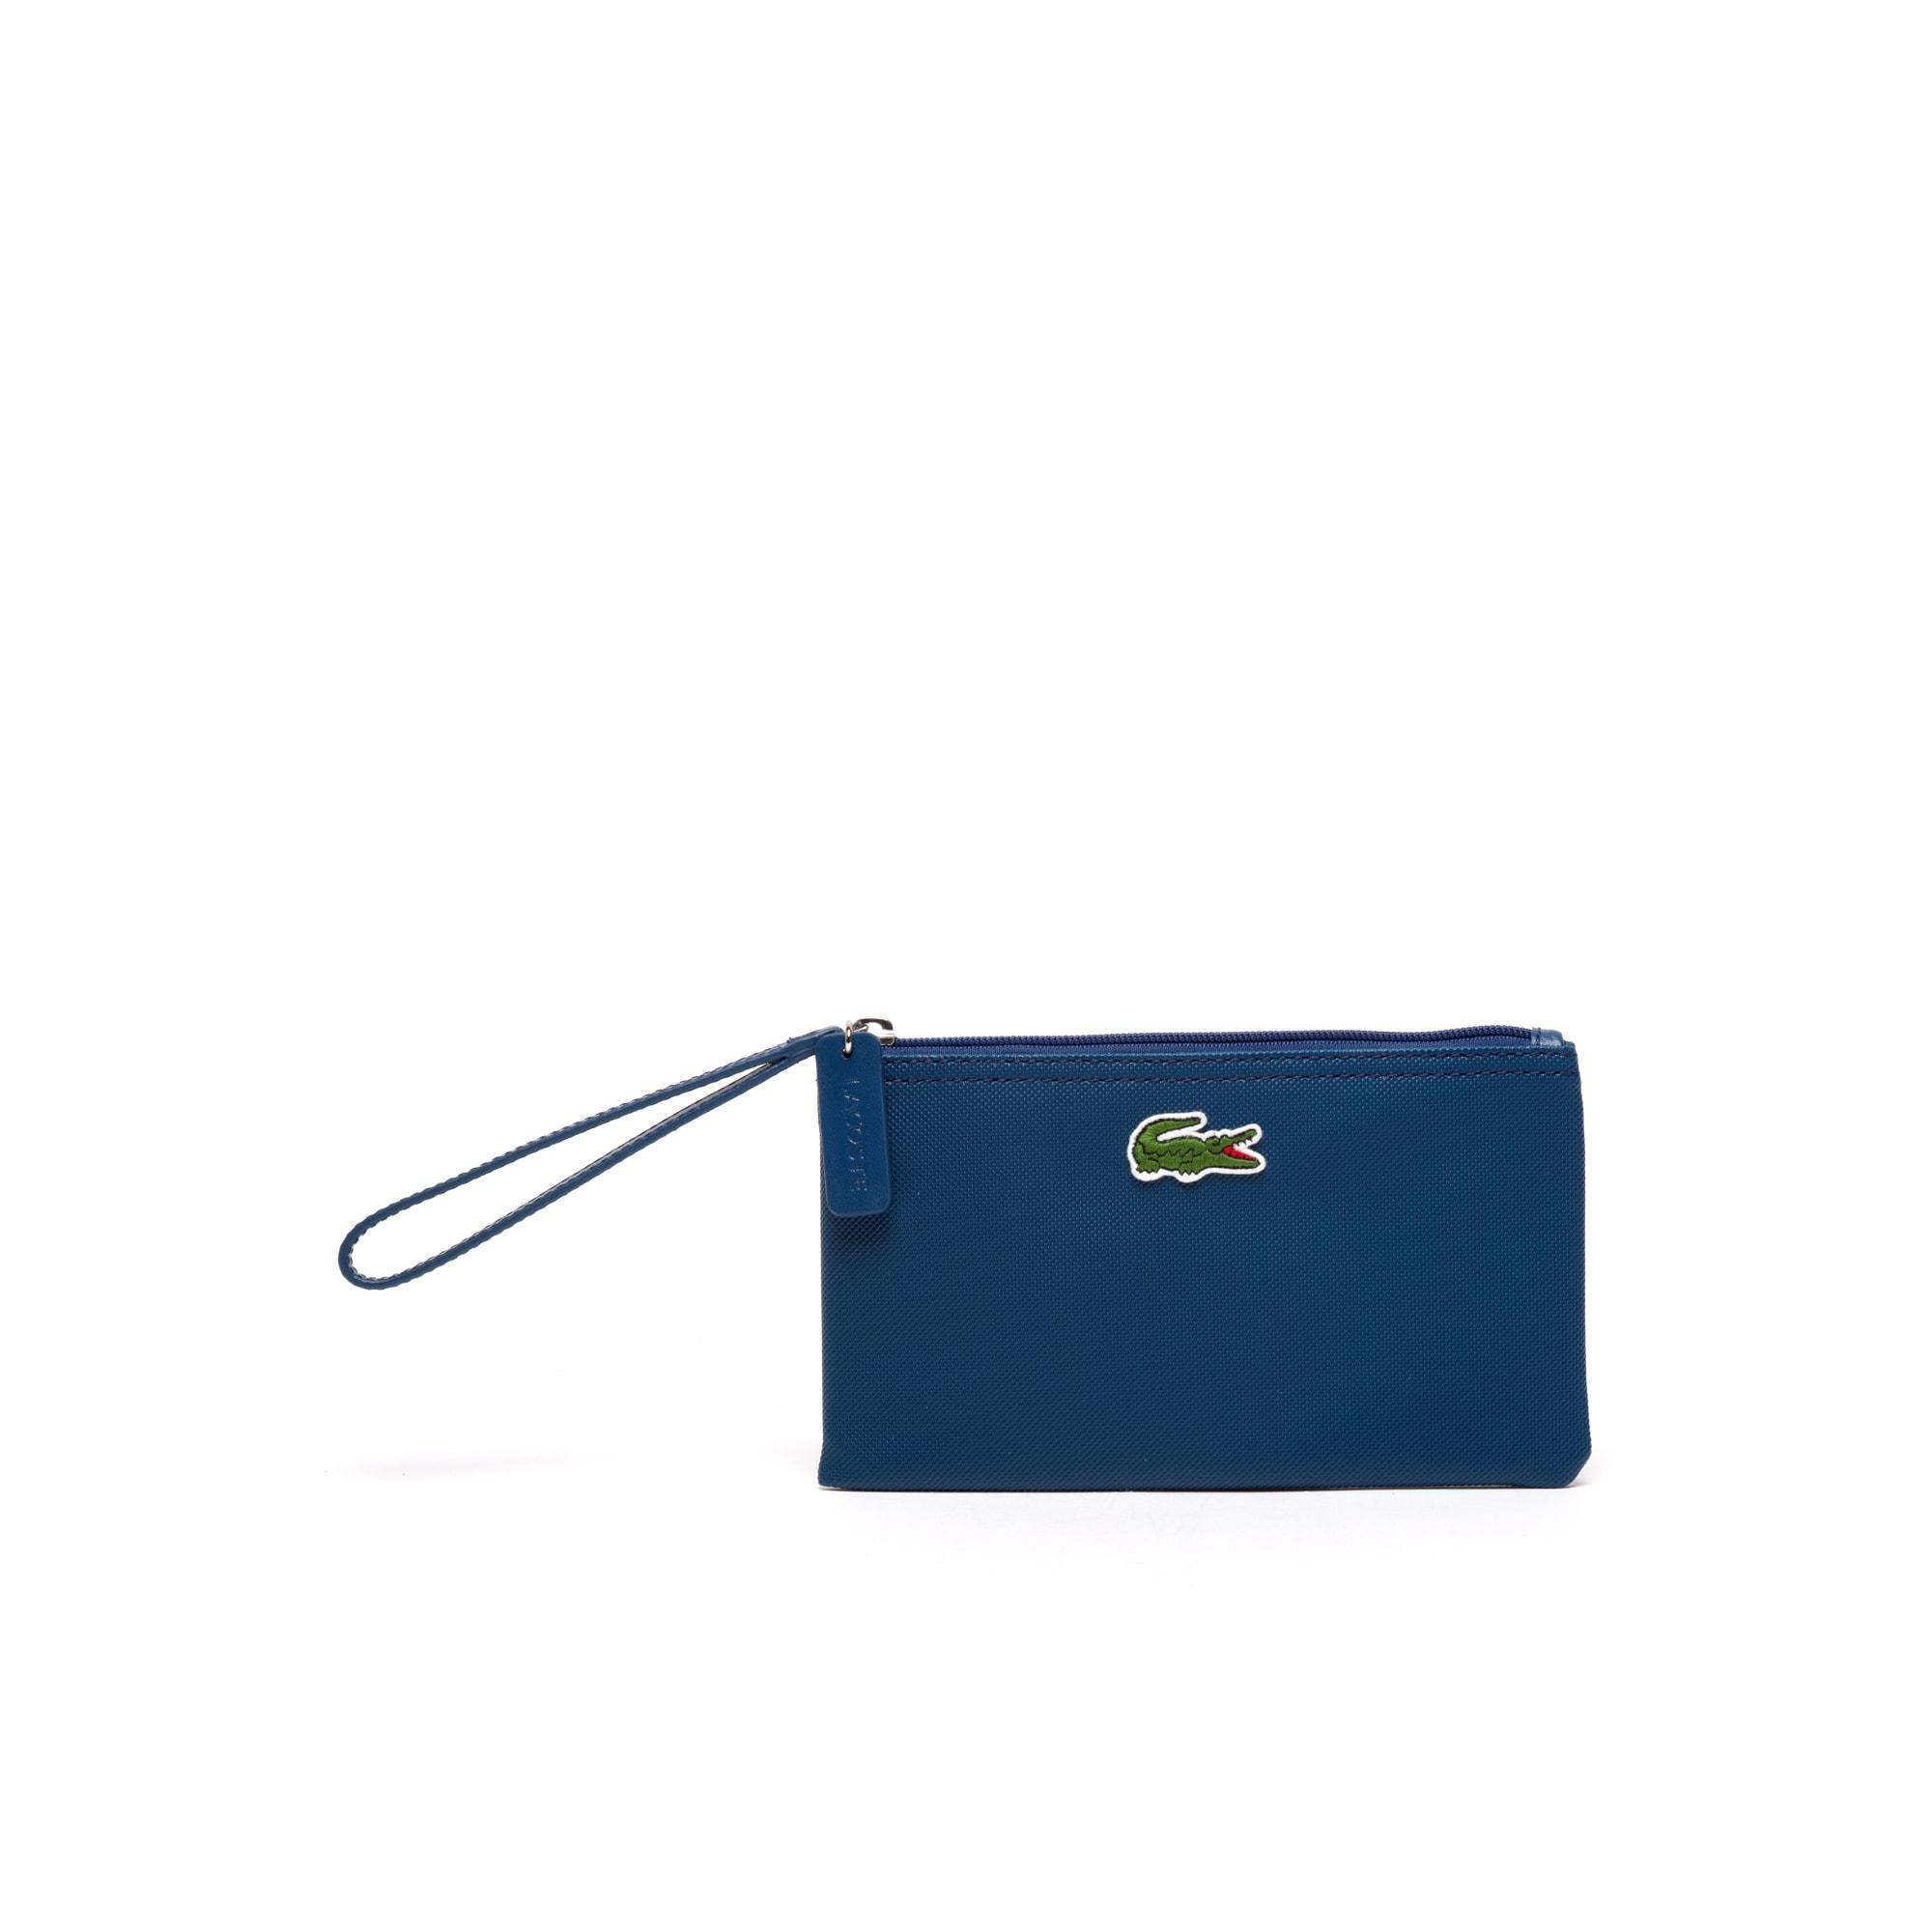 L.12.12 CONCEPT pouch